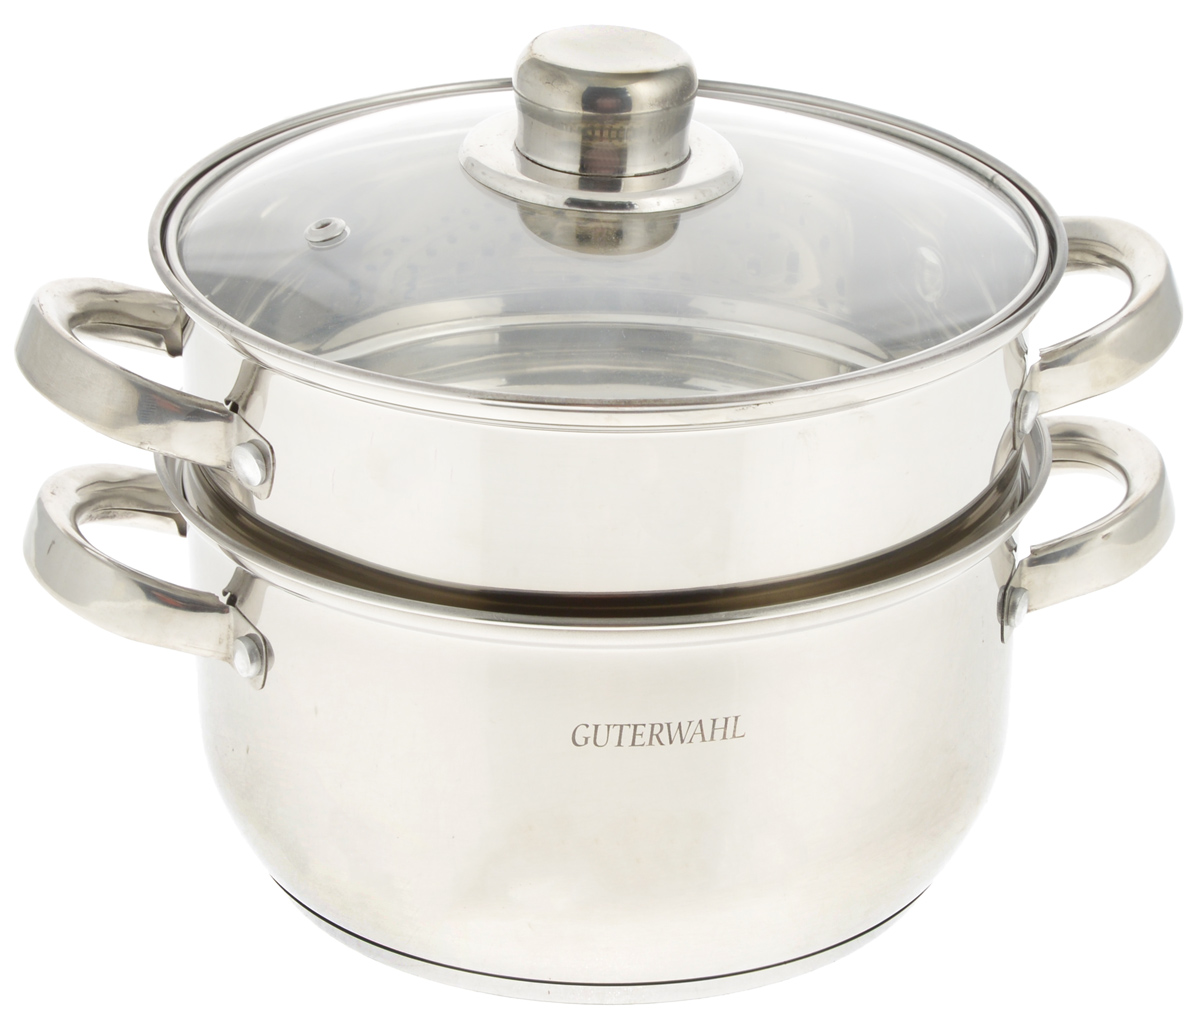 Пароварка  Guterwahl  с крышкой, 2-уровневая, 3,3 л - Посуда для приготовления